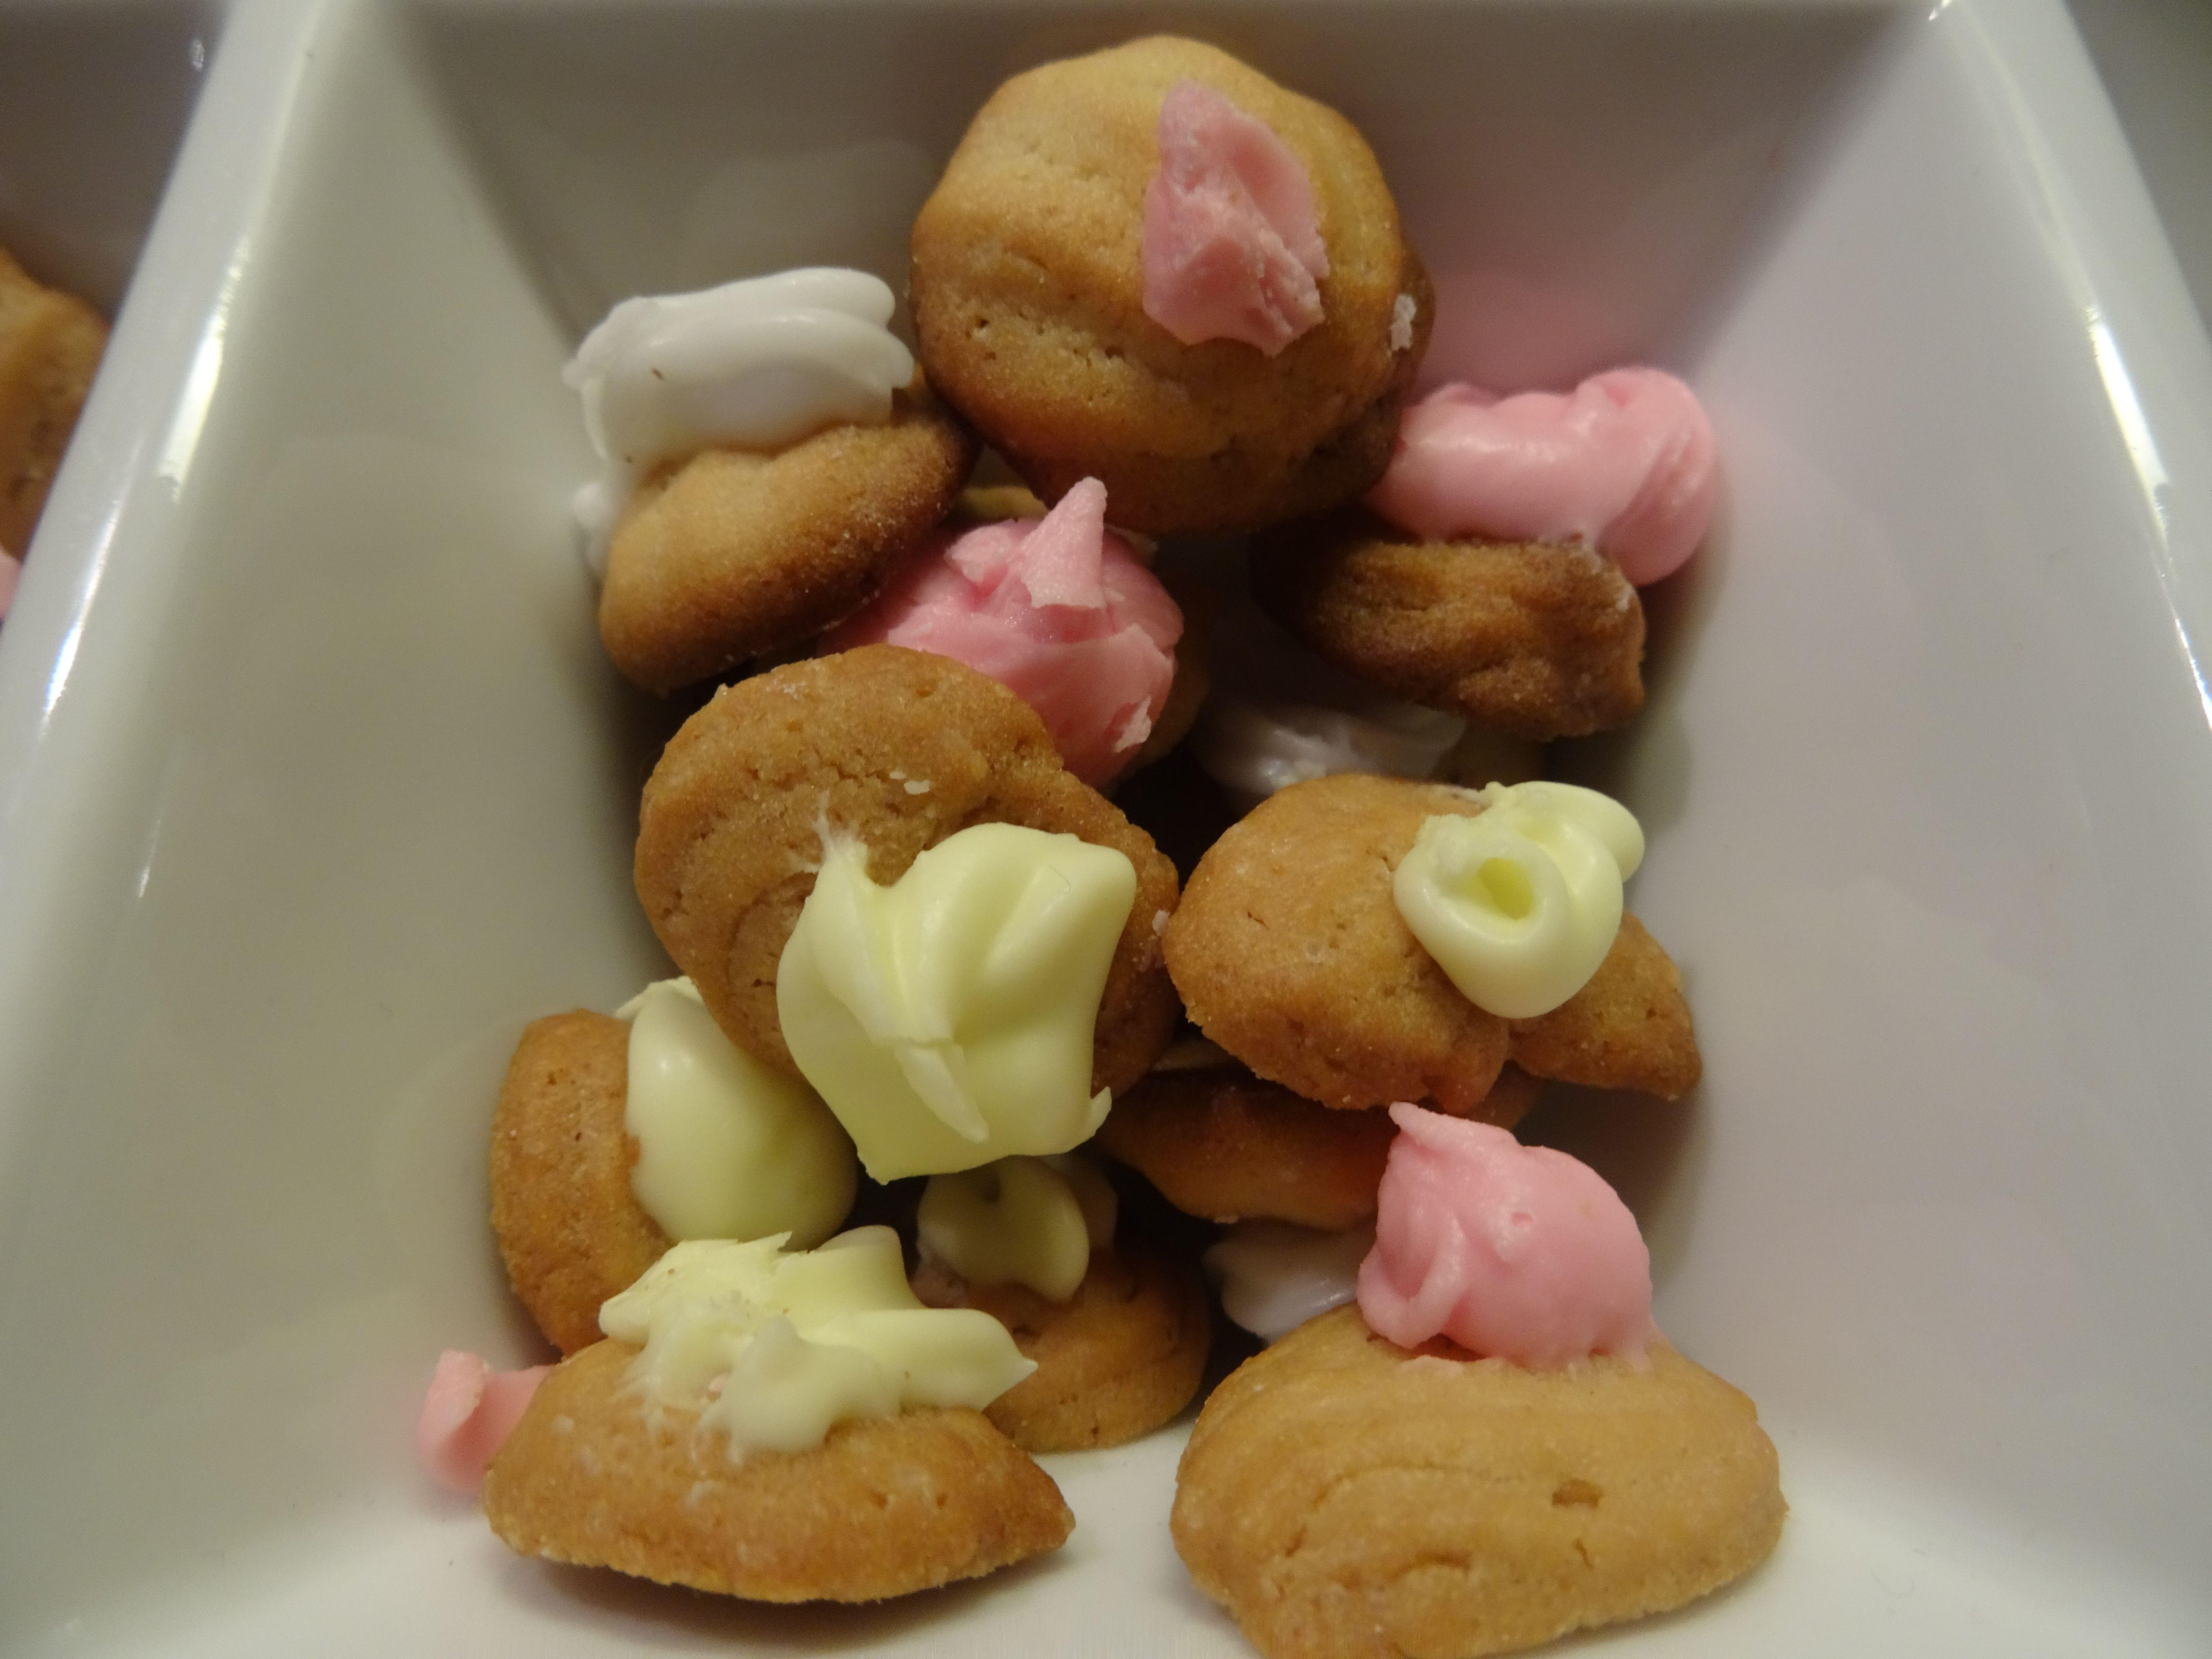 Des biscotins à ma façon ! La recette sur ma page cuisine : https://www.facebook.com/pages/Cuisine-exotique-974/471663309605591?ref=hl